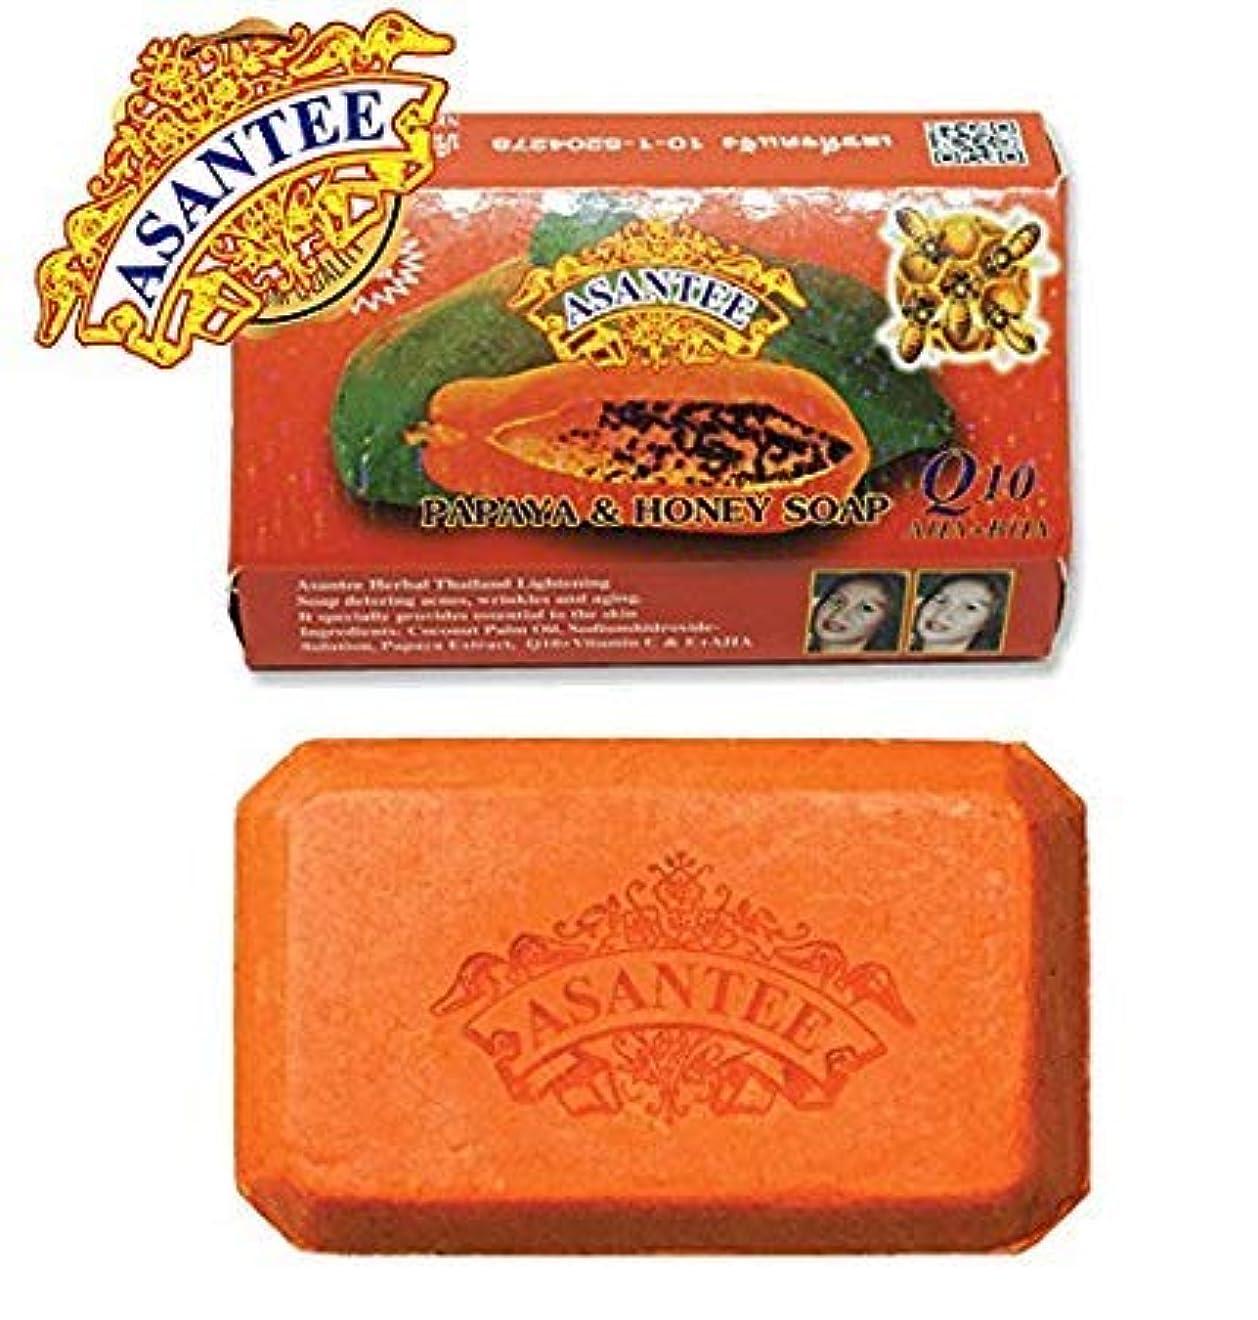 原子道を作る制限Asantee Thai Papaya Herbal Skin Whitening Soap 135g (1 pcs)